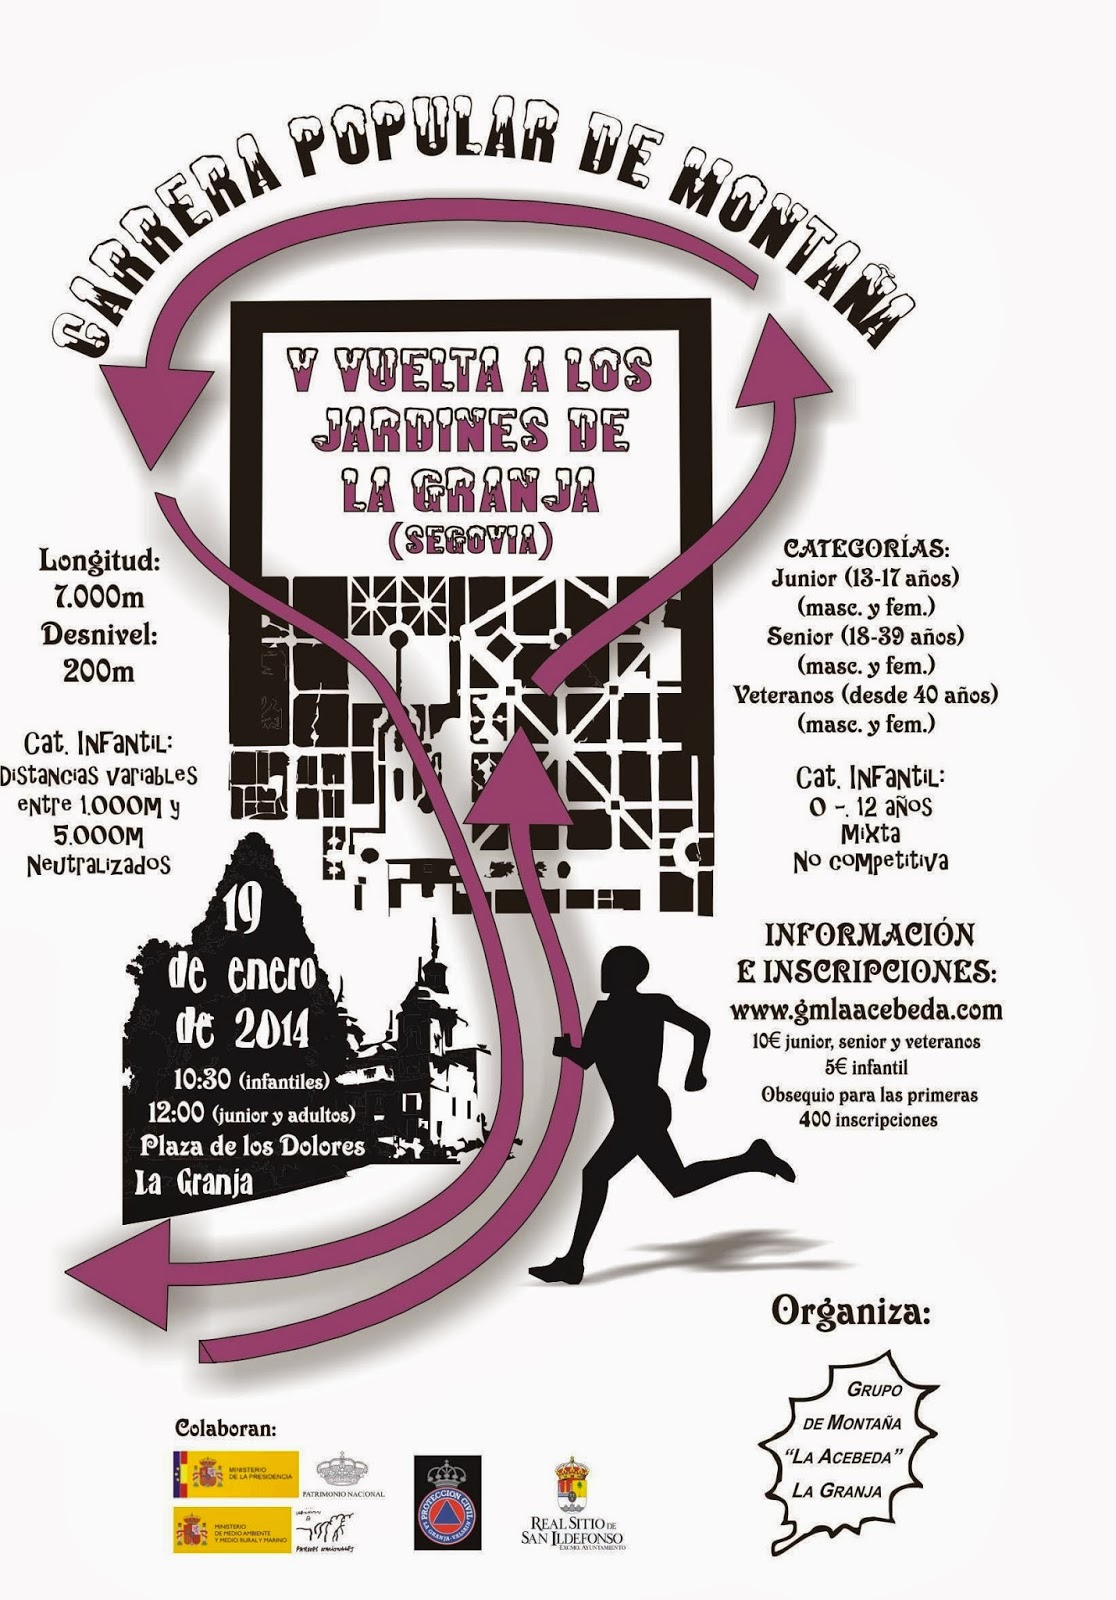 Cartel de la V Vuelta a los jardines de La Granja